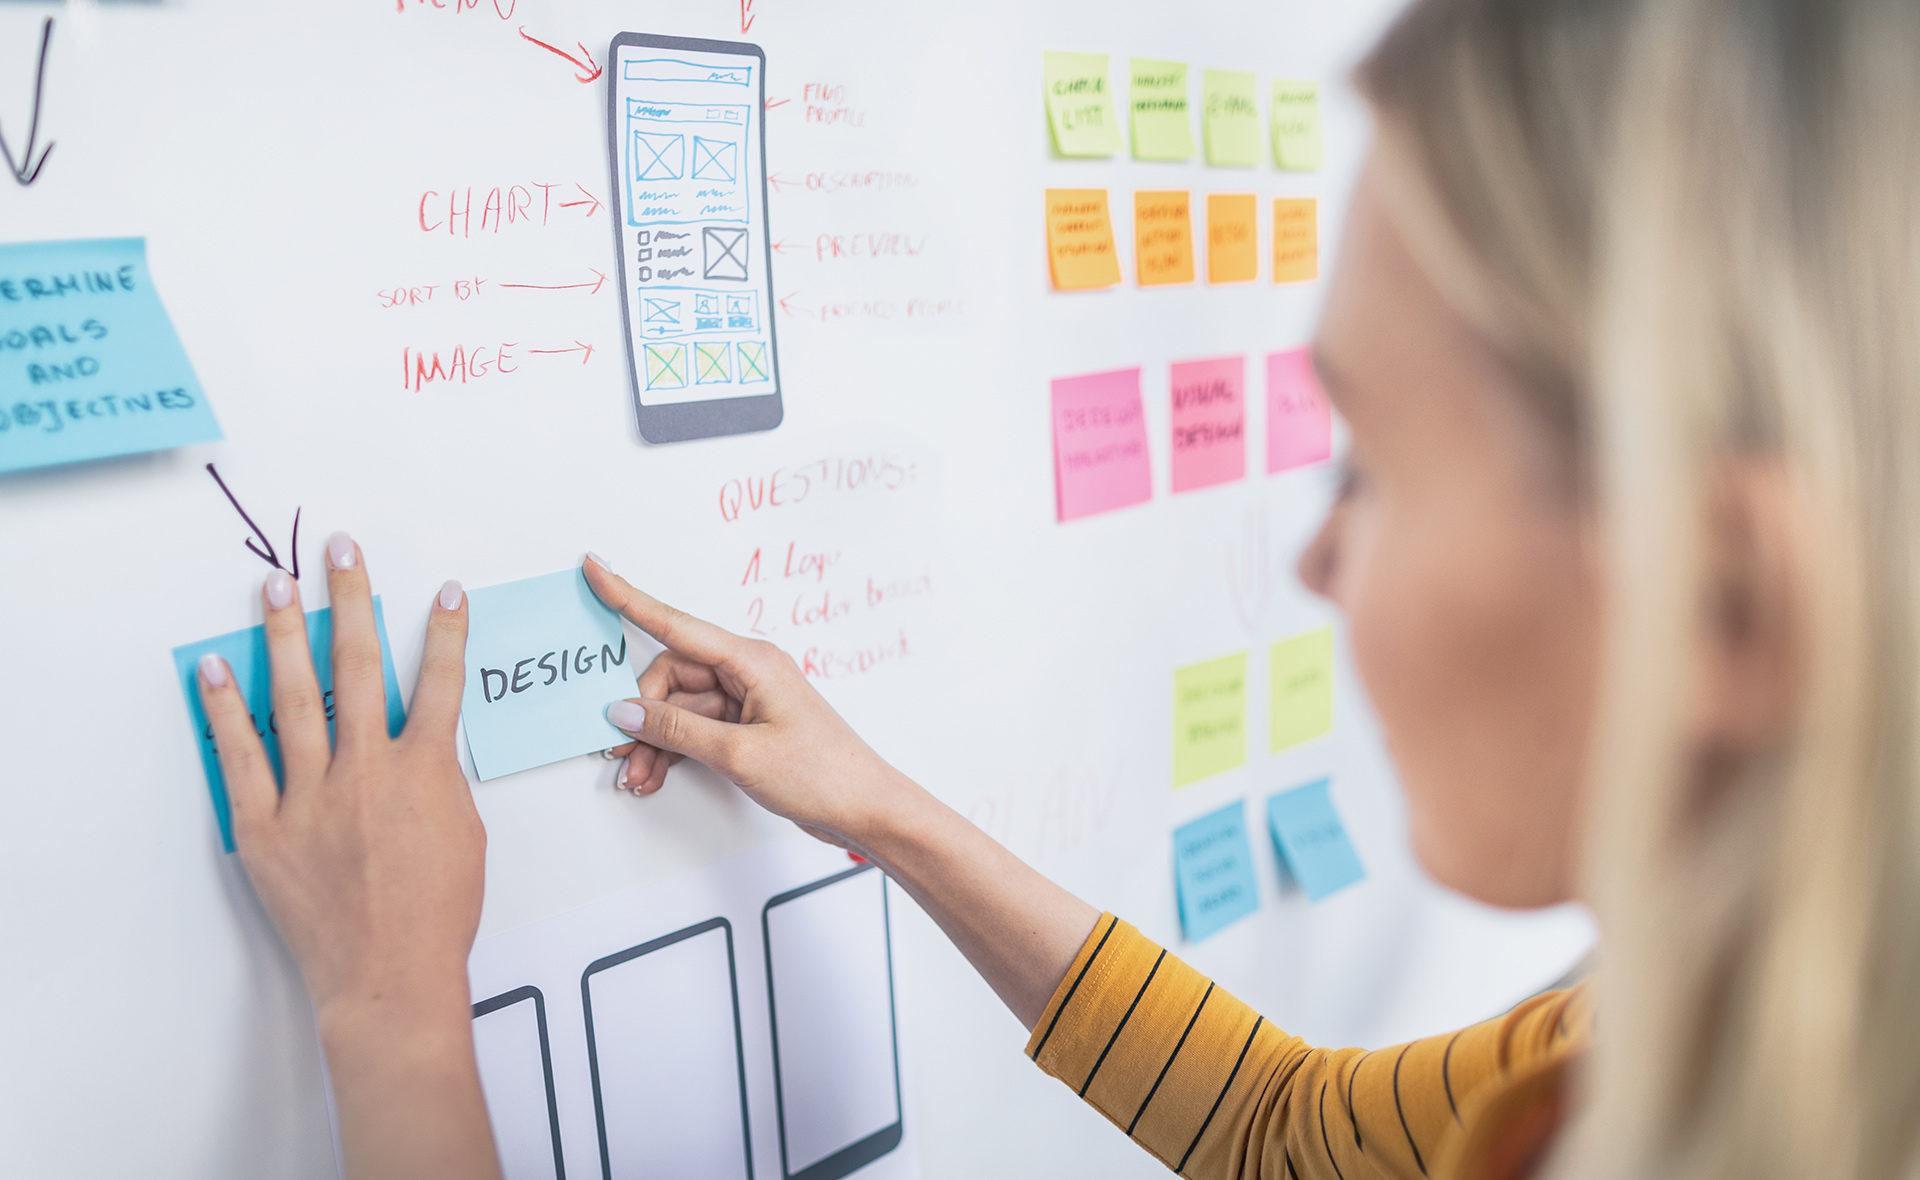 BBVA-perfil-diseñadores-mujer-agile-trabajo-gestion-emprendedor